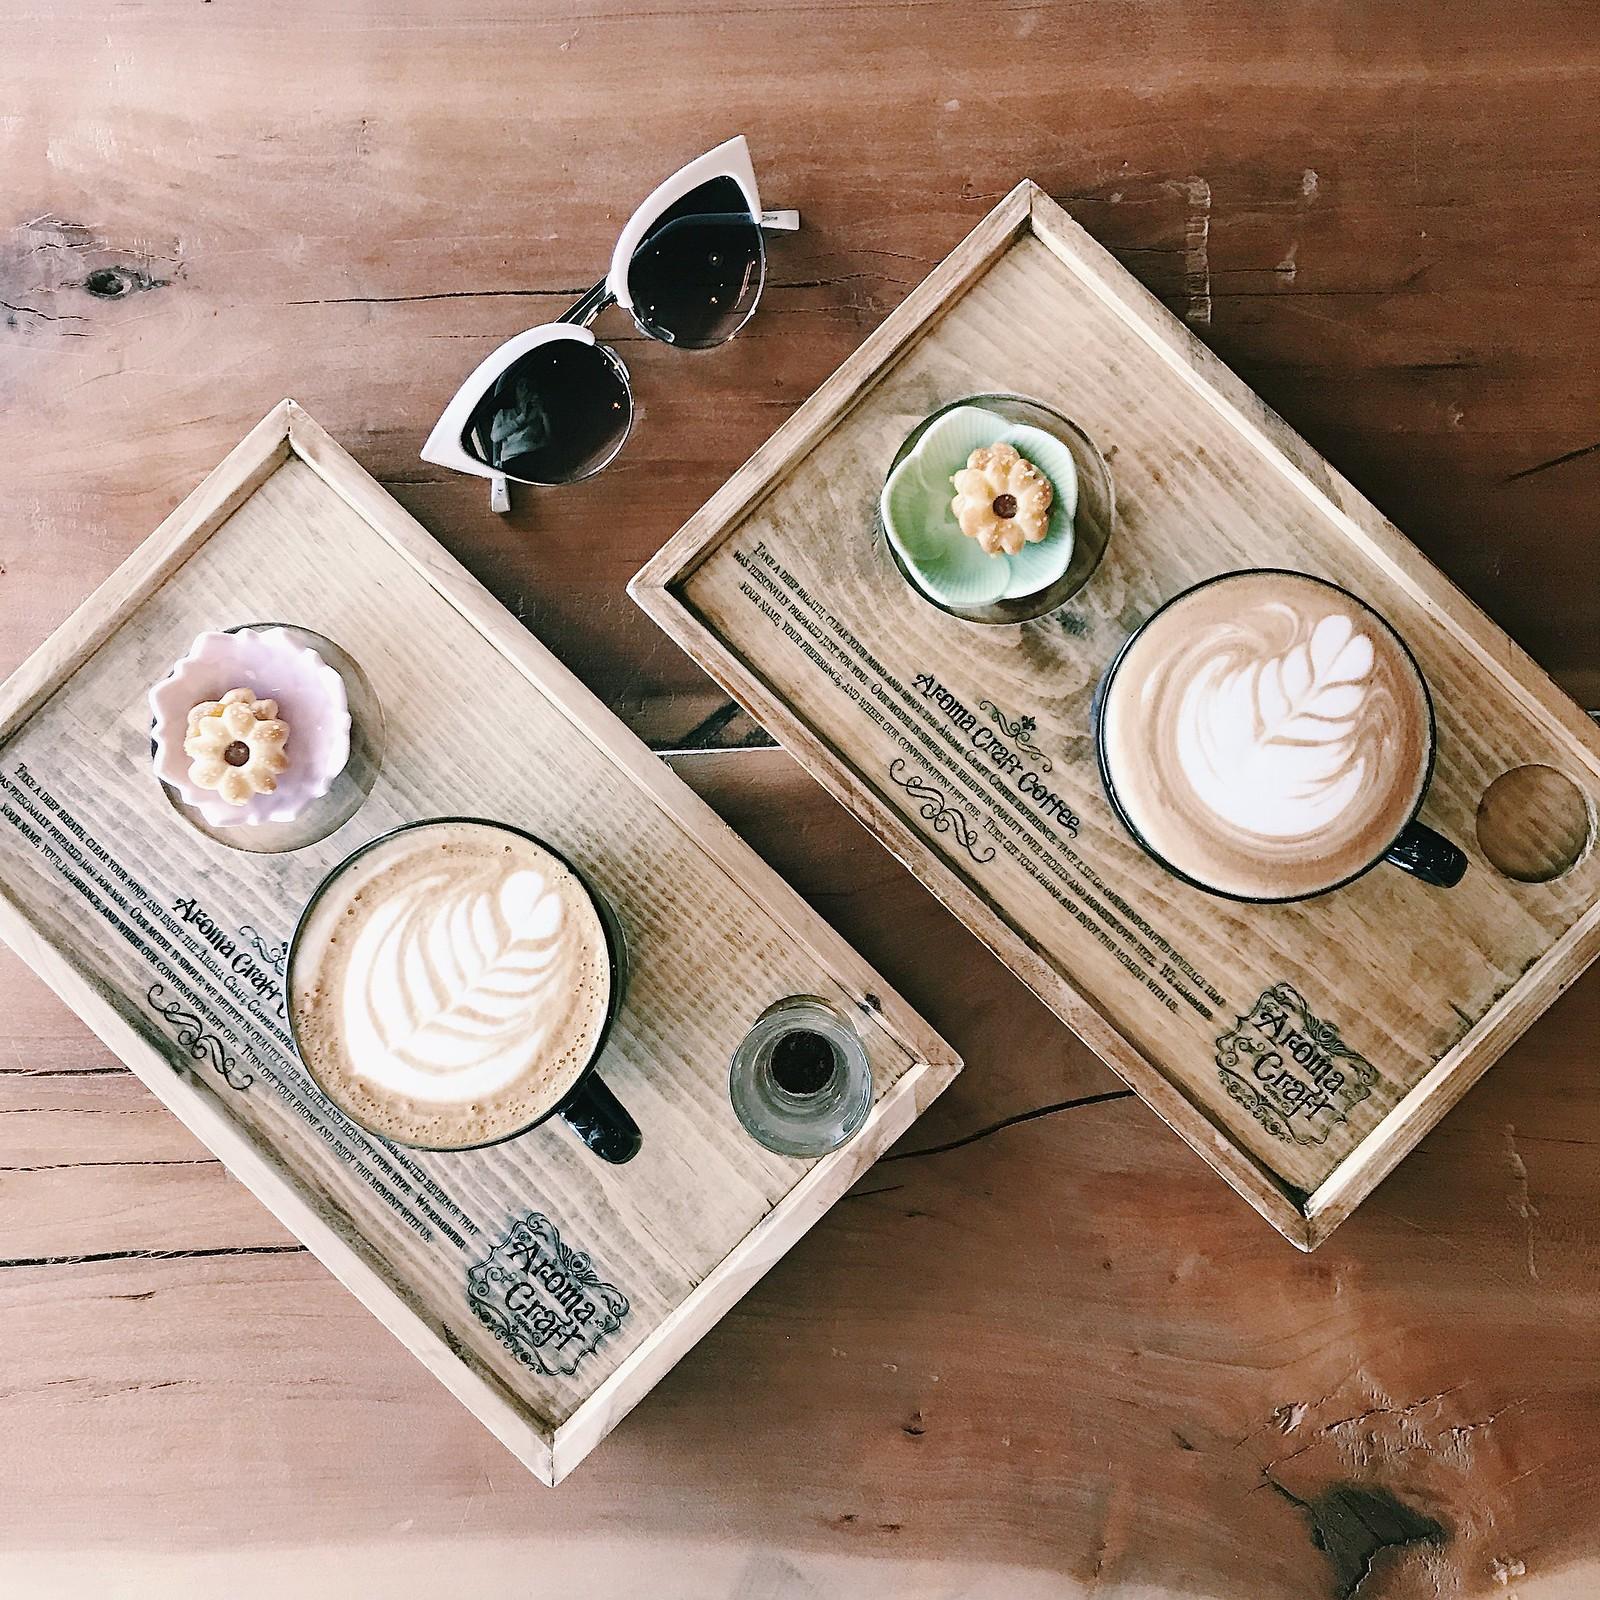 coffee-coffeeart-latte-latteart-coffeeshots-hipster-flatlays-coffeeshopcorners-dinela-clothestoyouuu-elizabeeetht